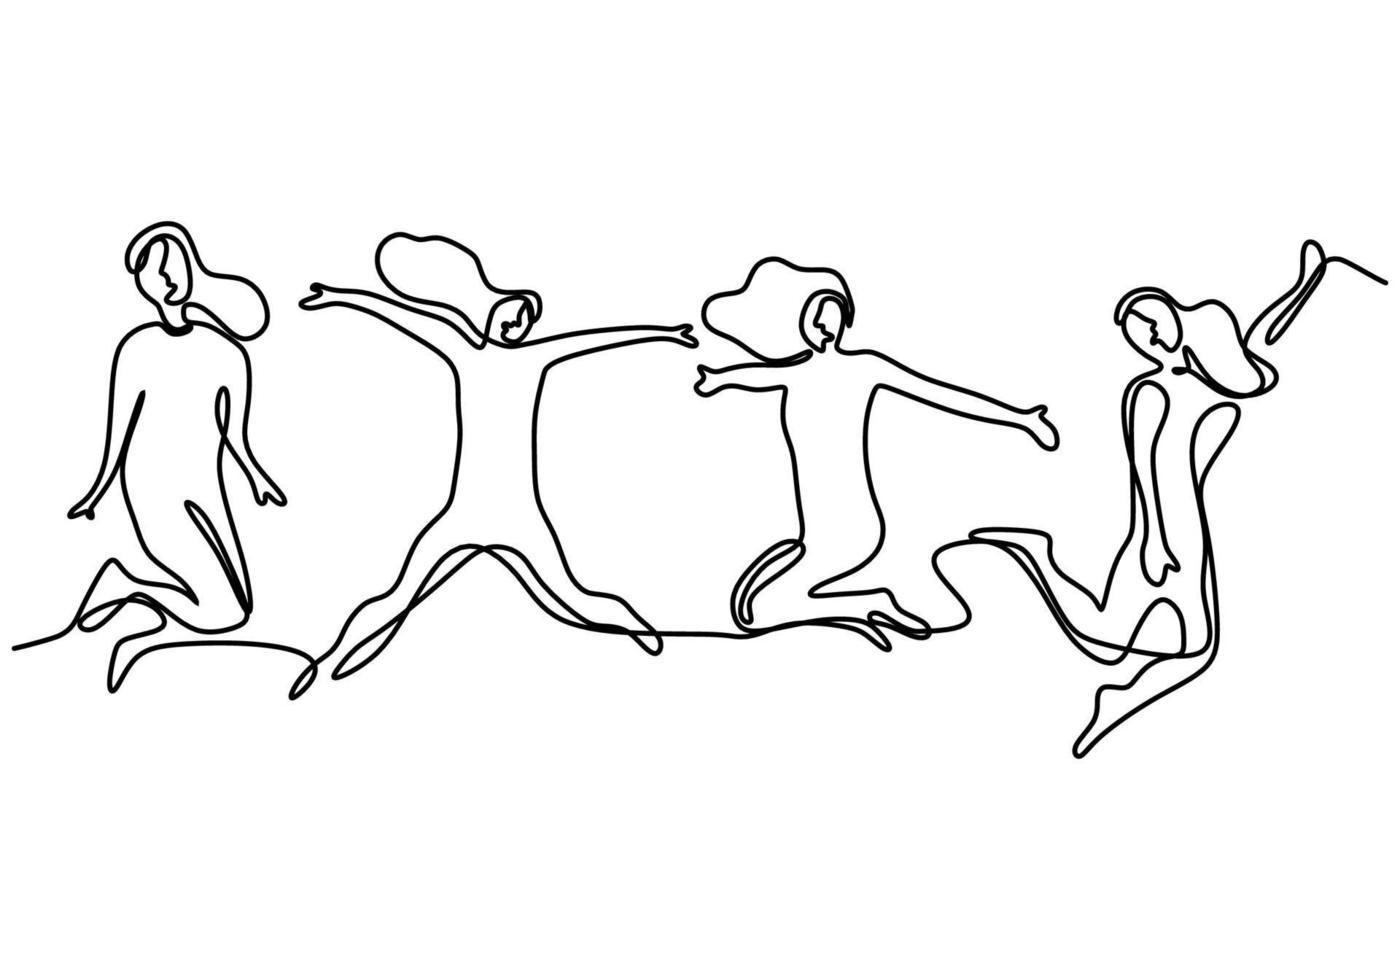 desenho de linha contínua de membros da equipe felizes de salto. quatro jovens saltam juntos para expressar sua felicidade. grupo de quatro pessoas salto e design minimalista de liberdade. ilustração vetorial vetor